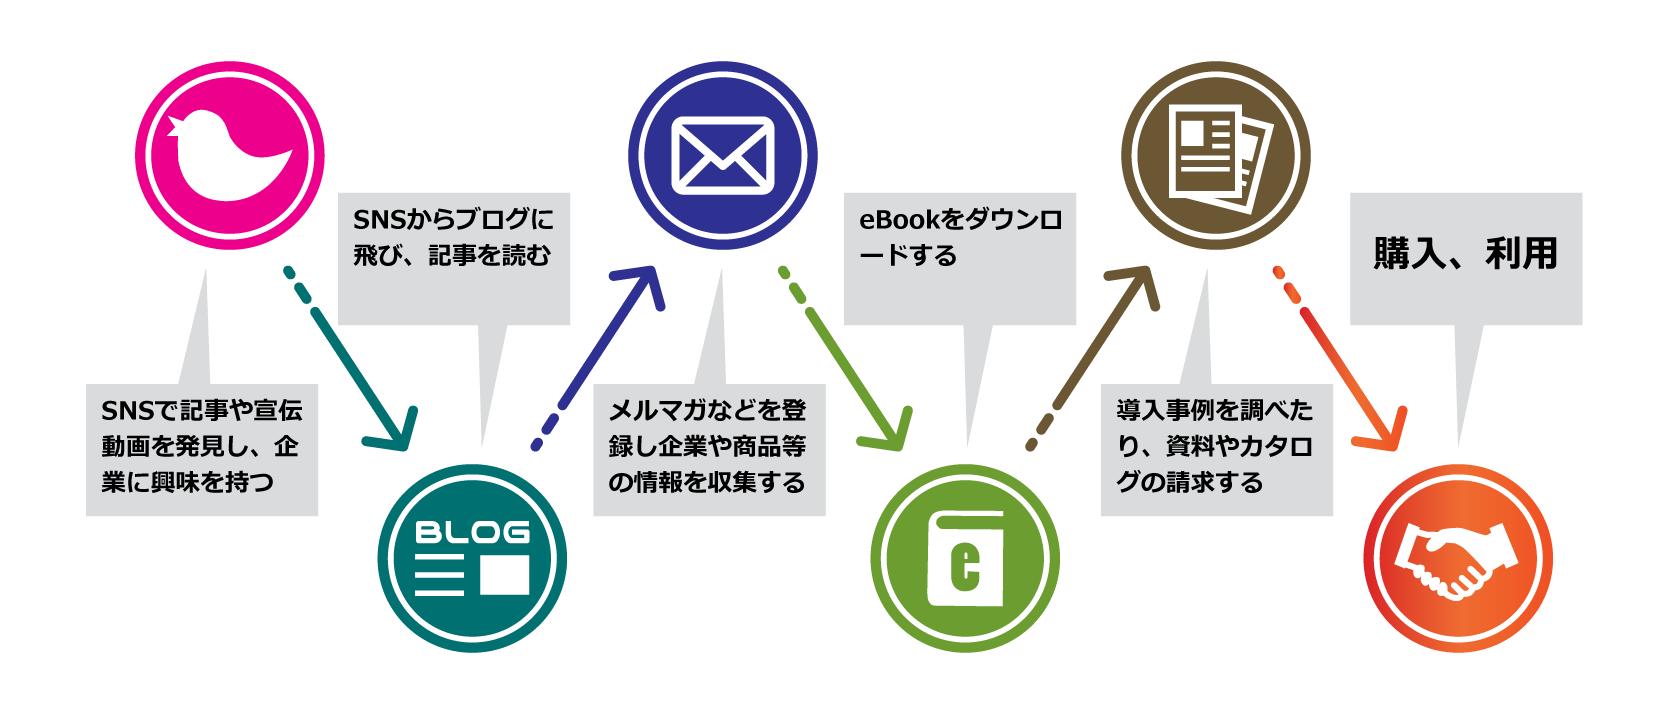 検討プロセスの例